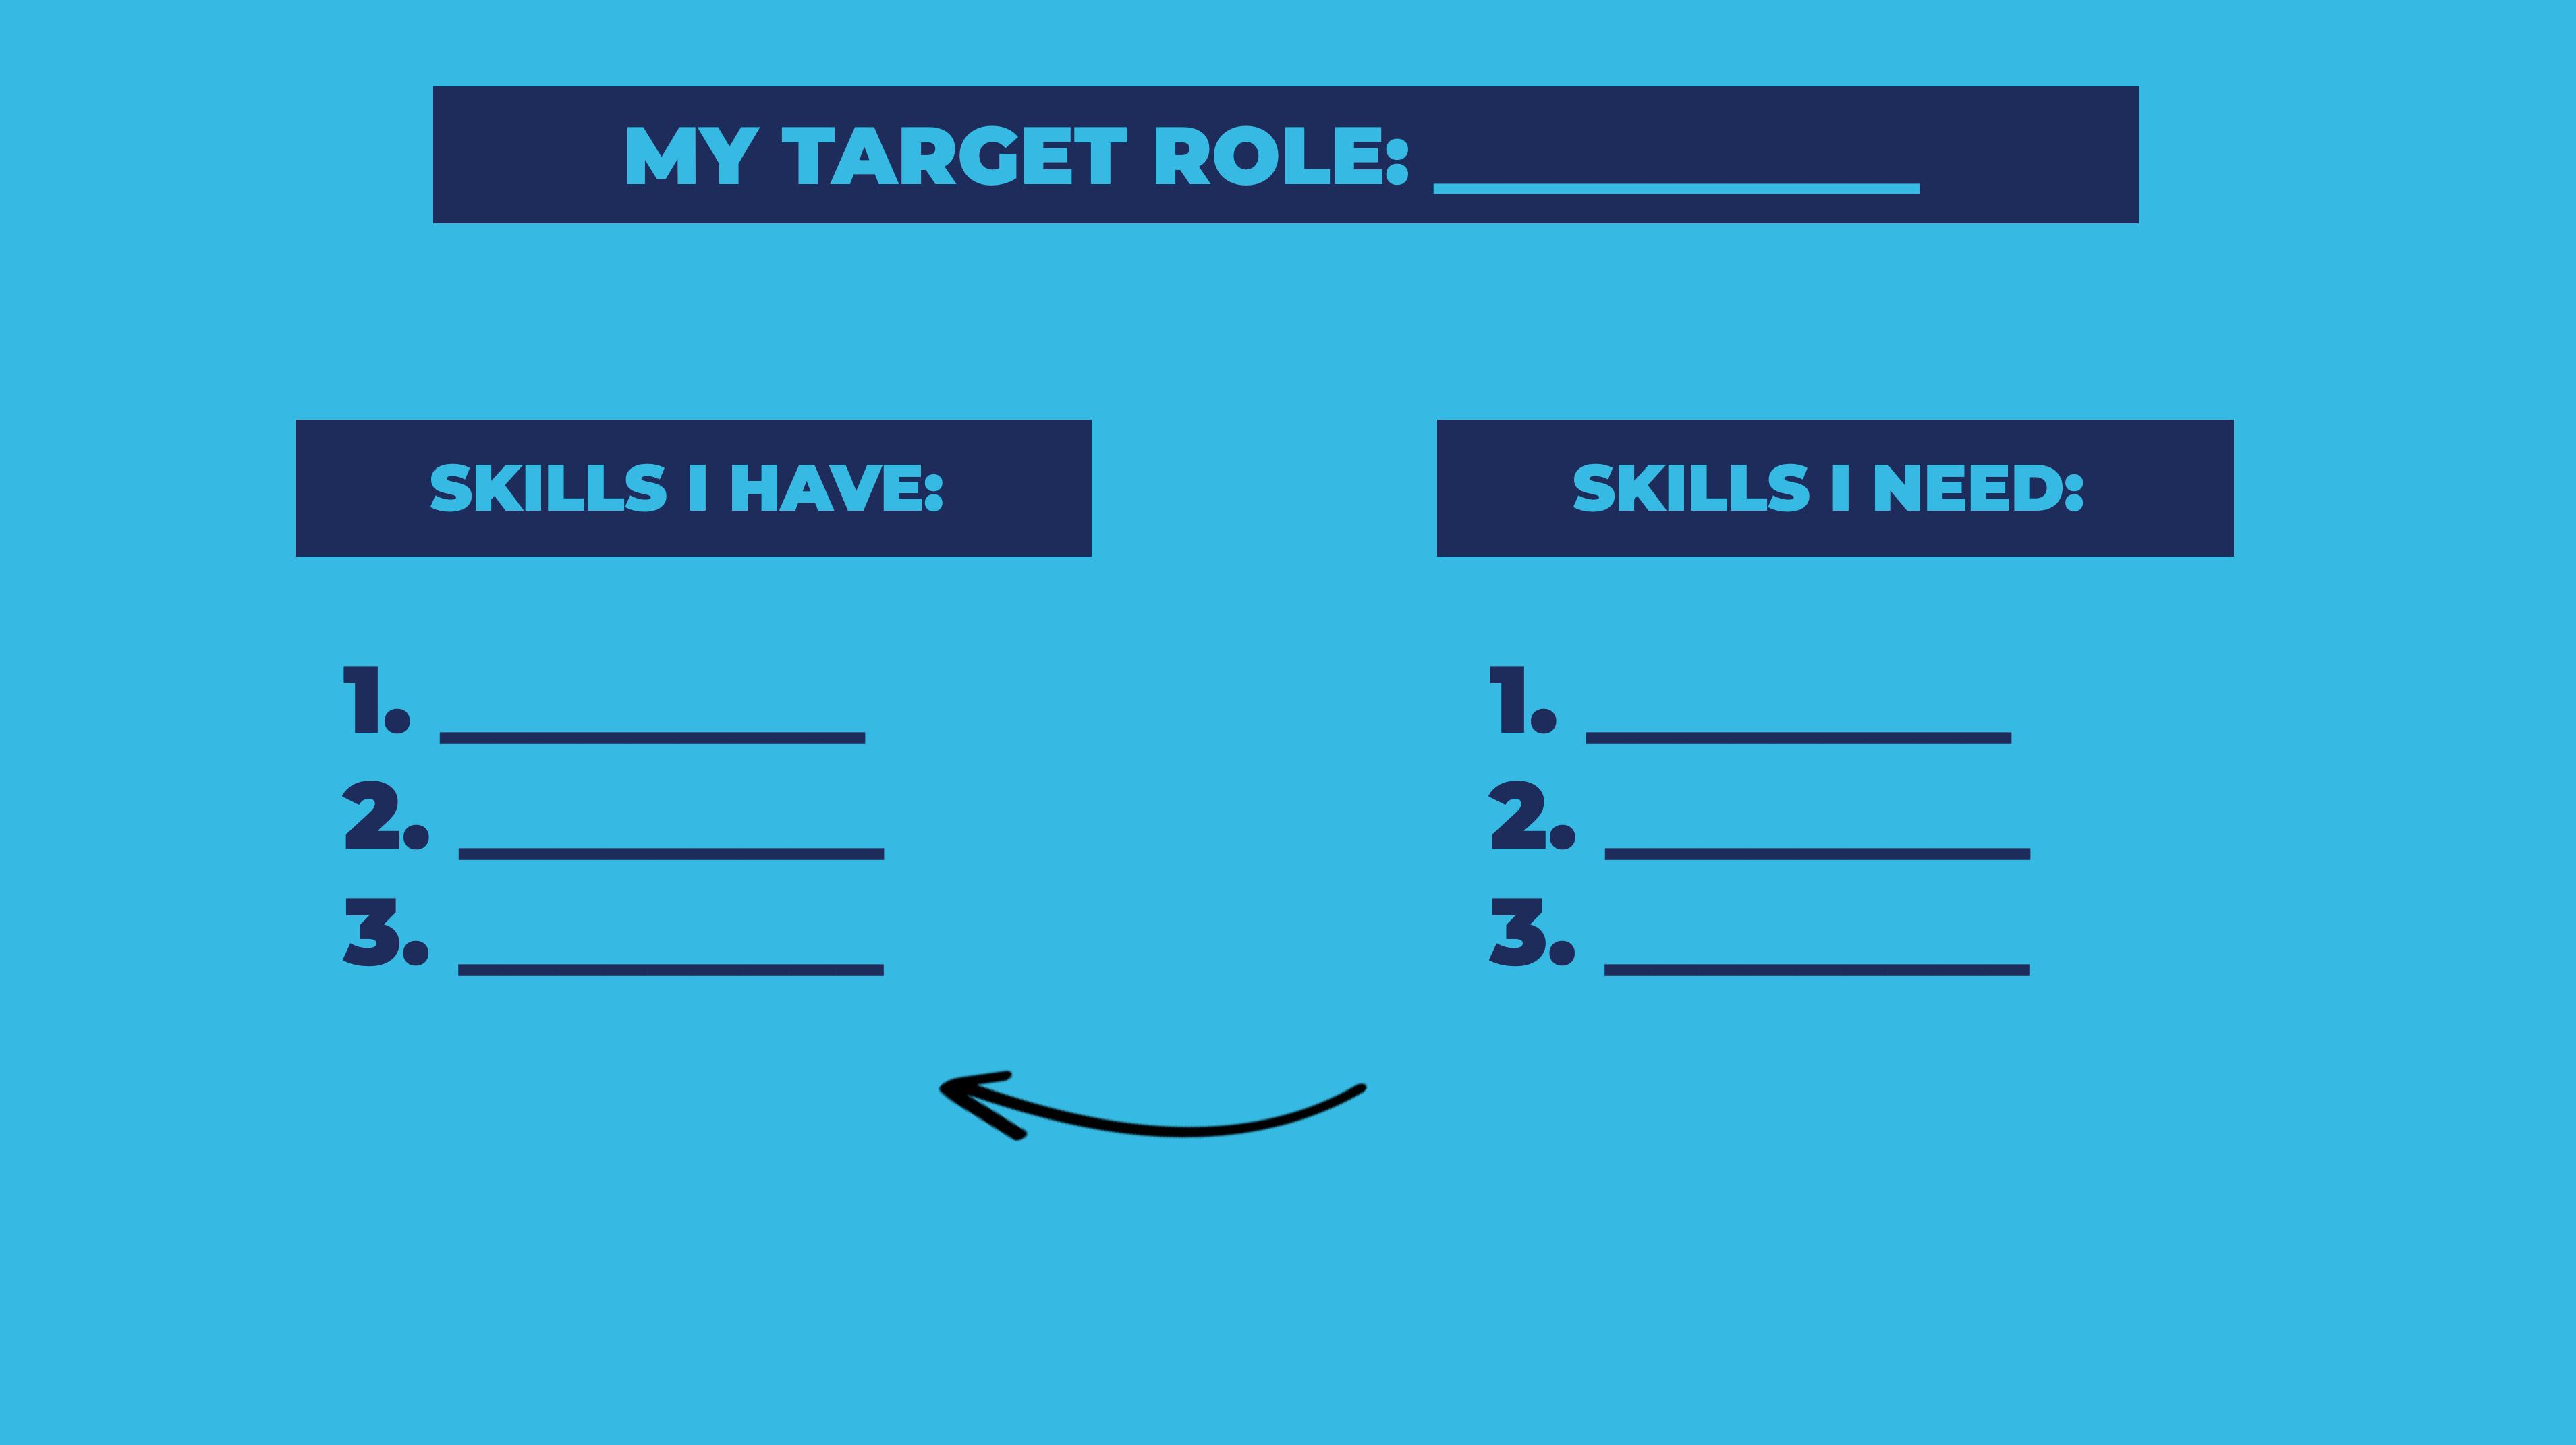 Skills short-list